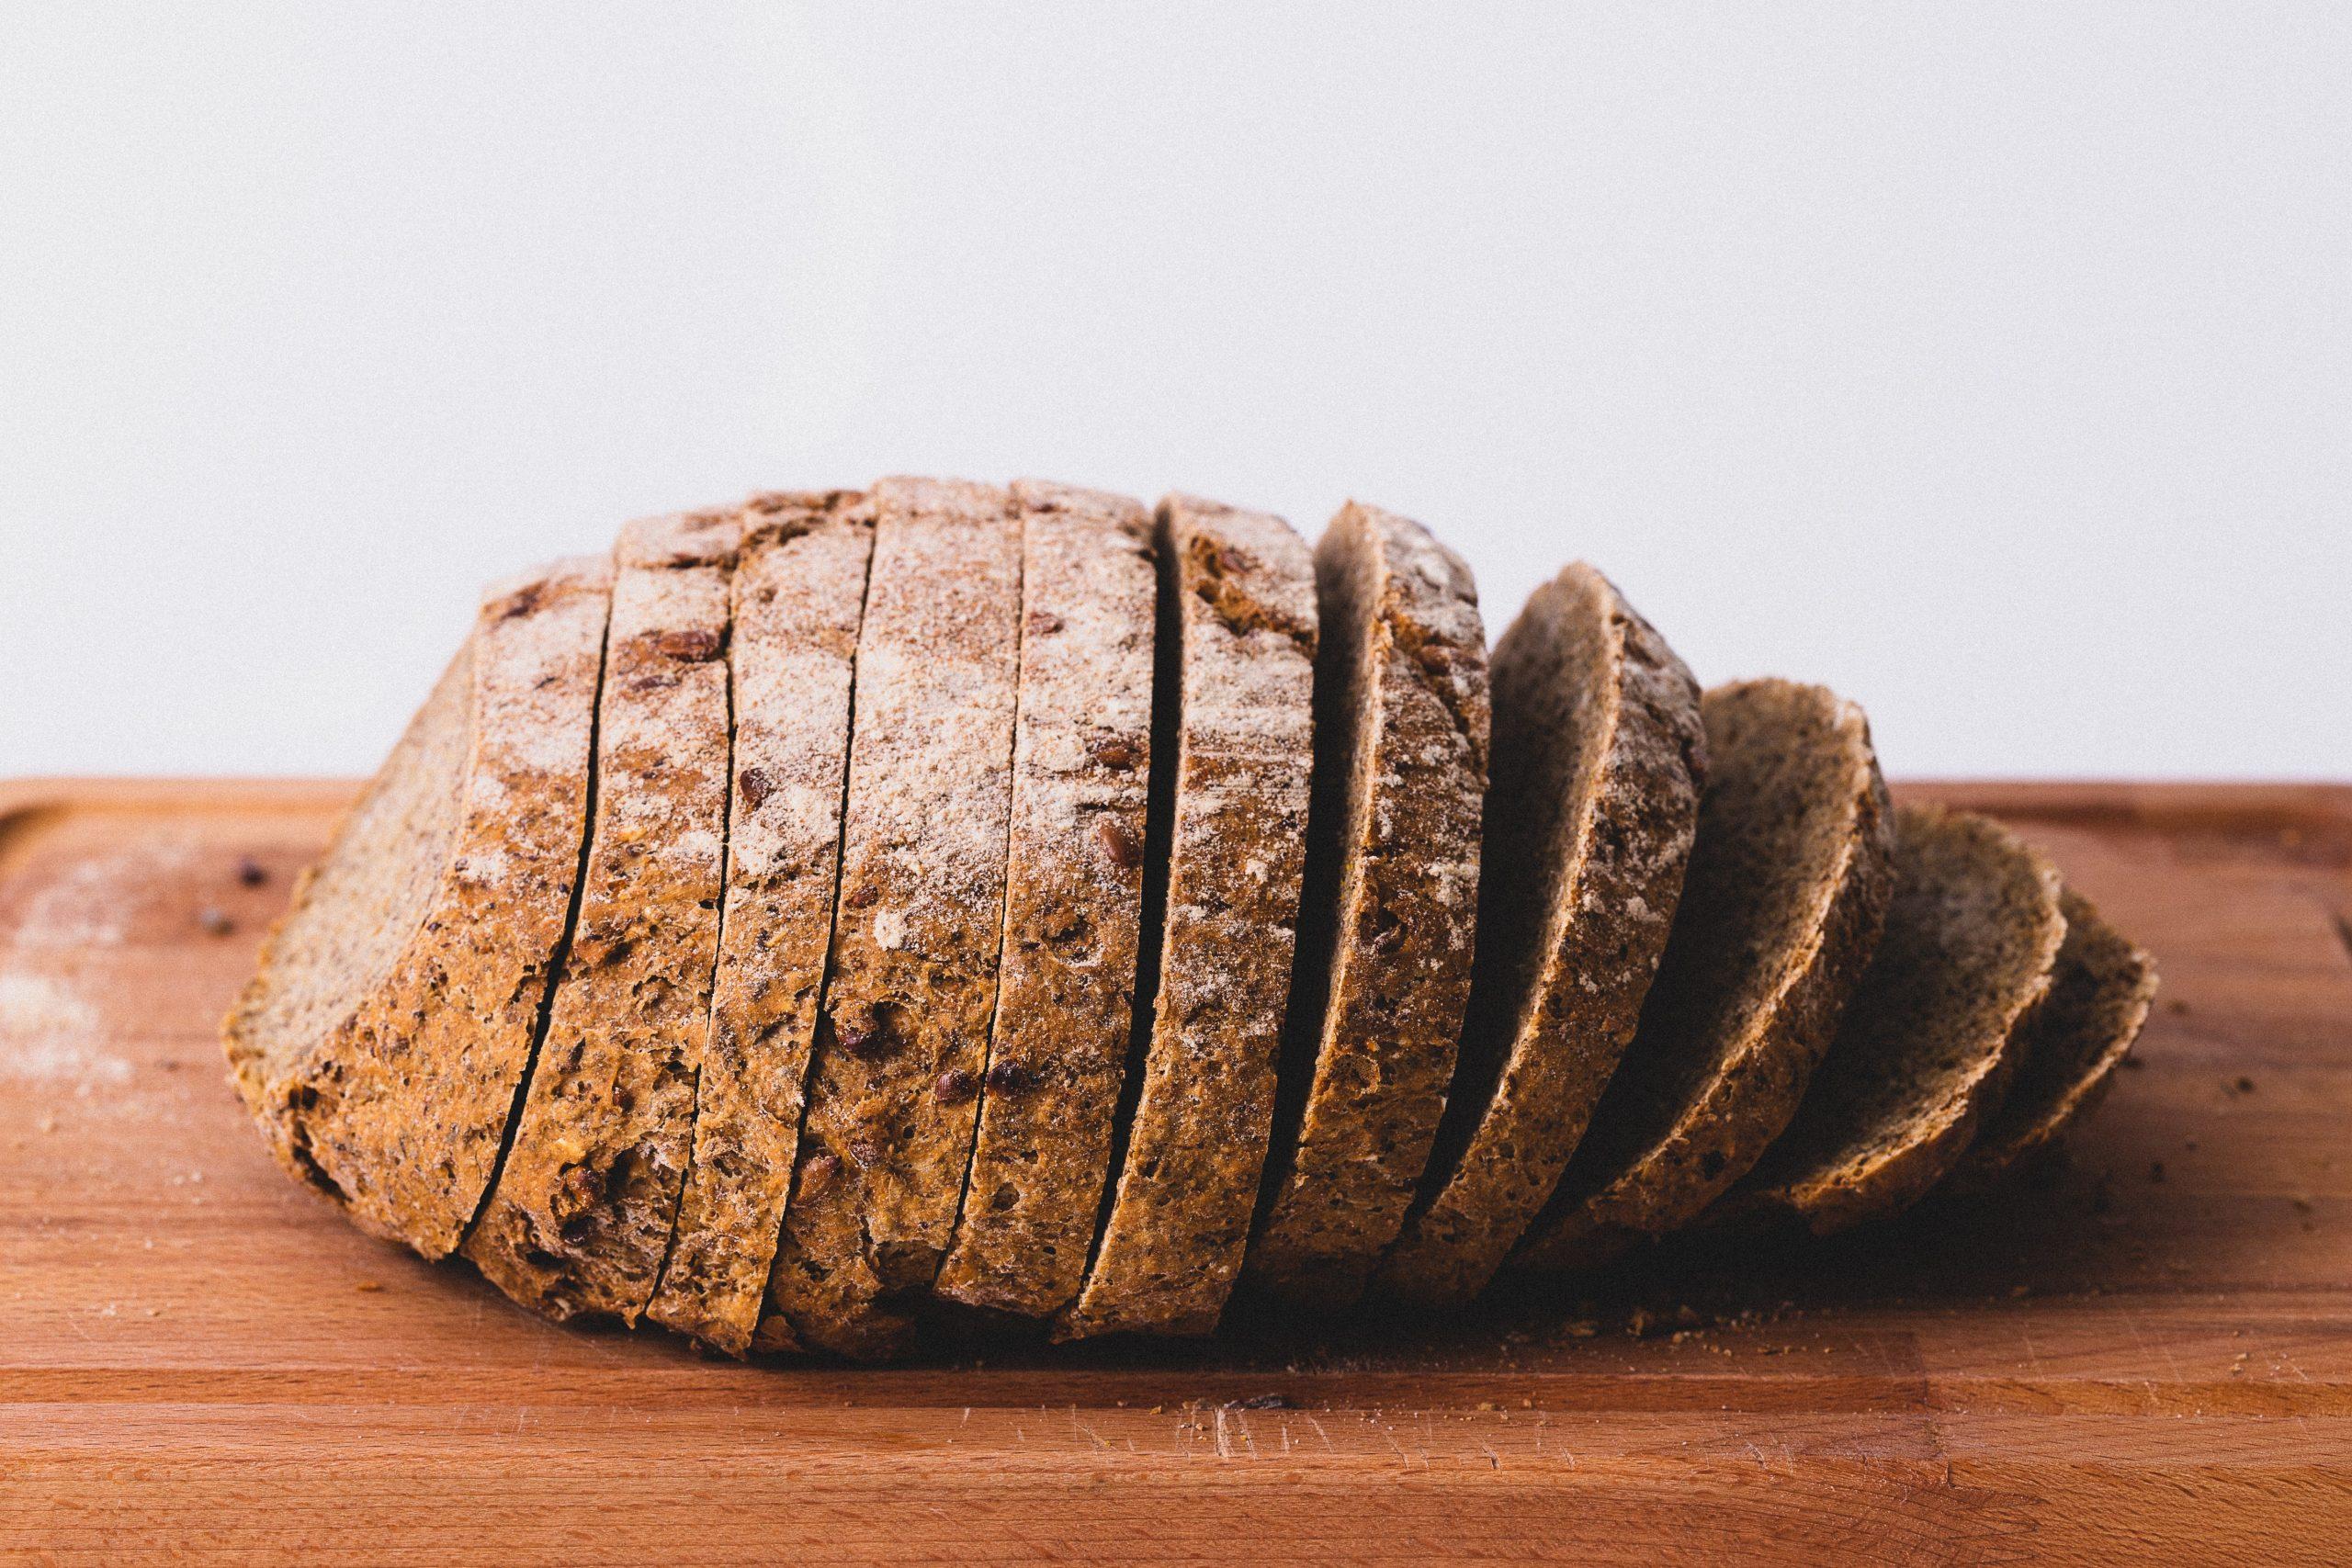 Comment conserver du pain fait maison ? 1